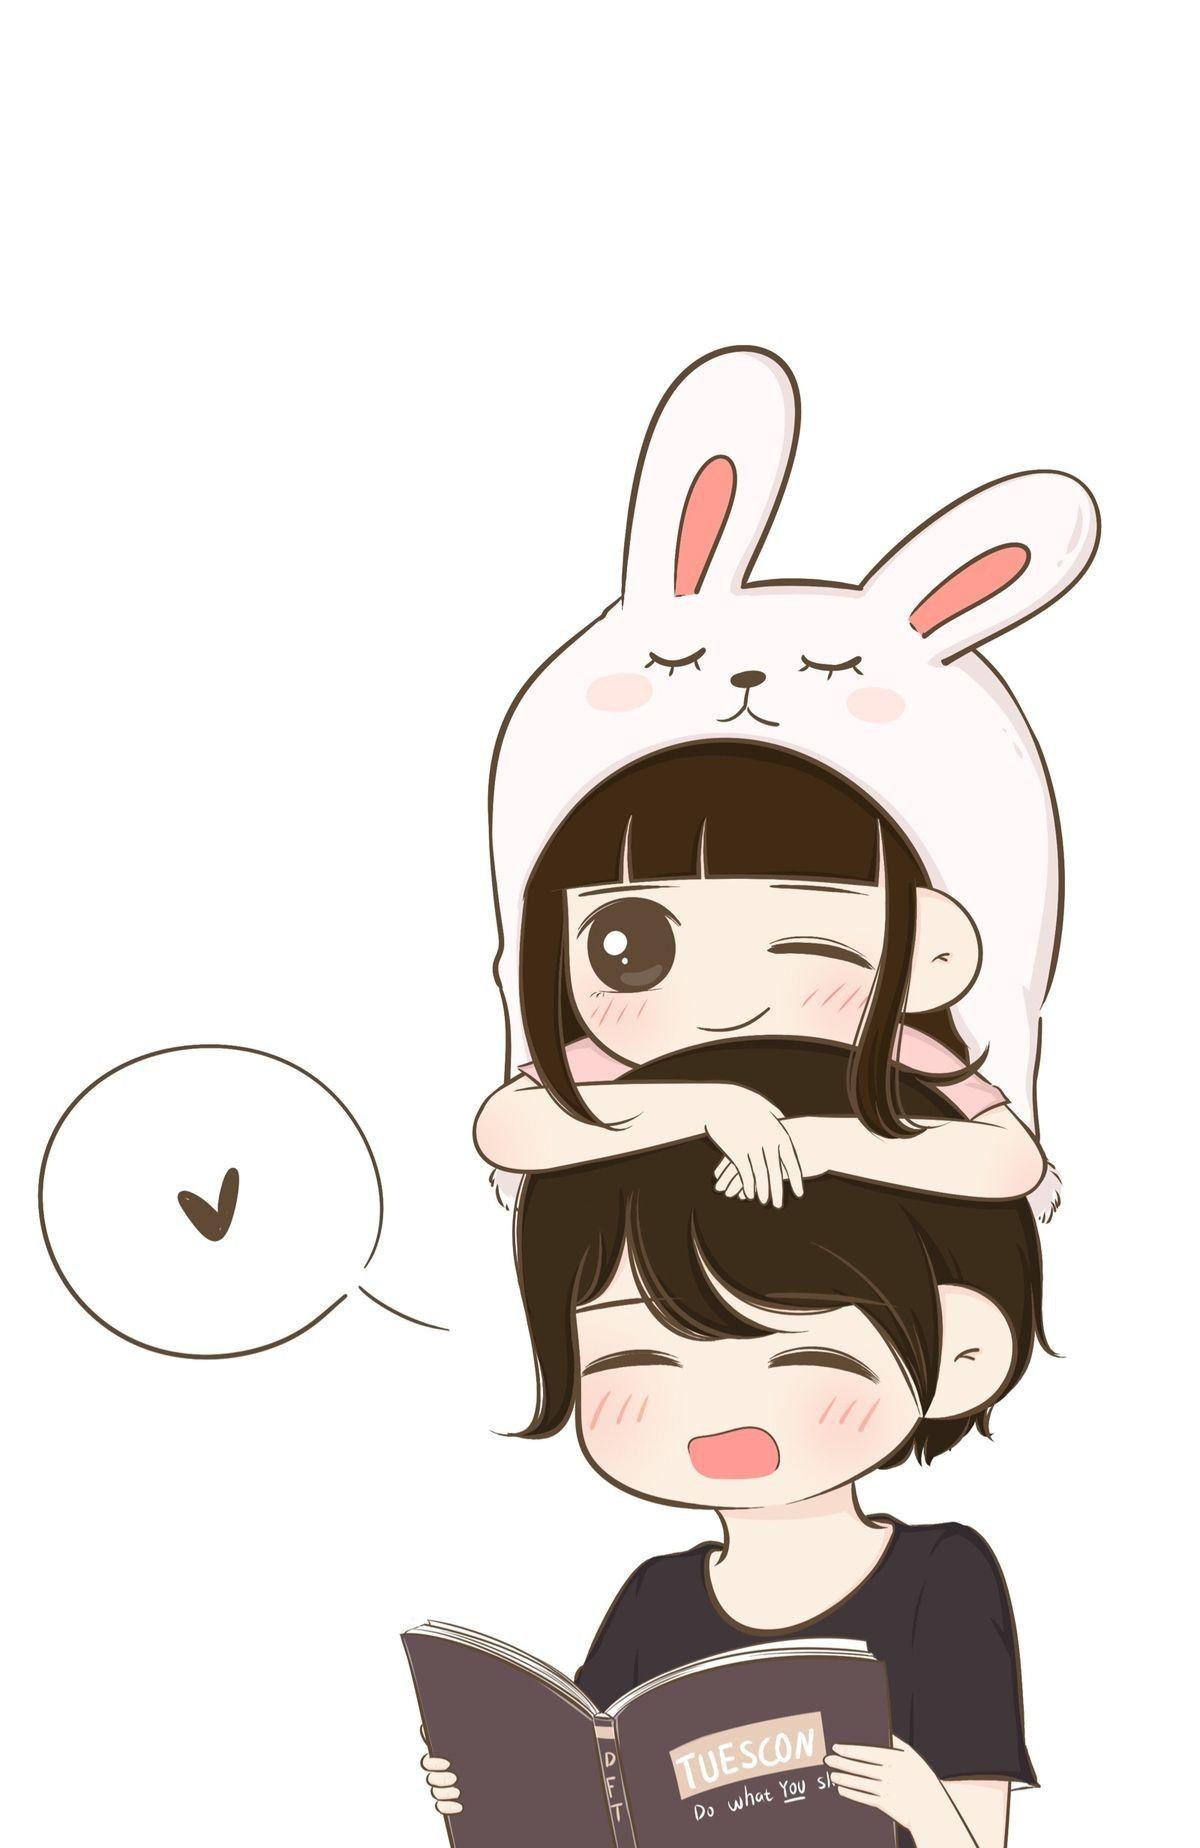 Pin By Meu Tia On Daddy Cute Cartoon Wallpapers Cute Couple Cartoon Cute Couple Wallpaper Anime wallpaper kawaii couple